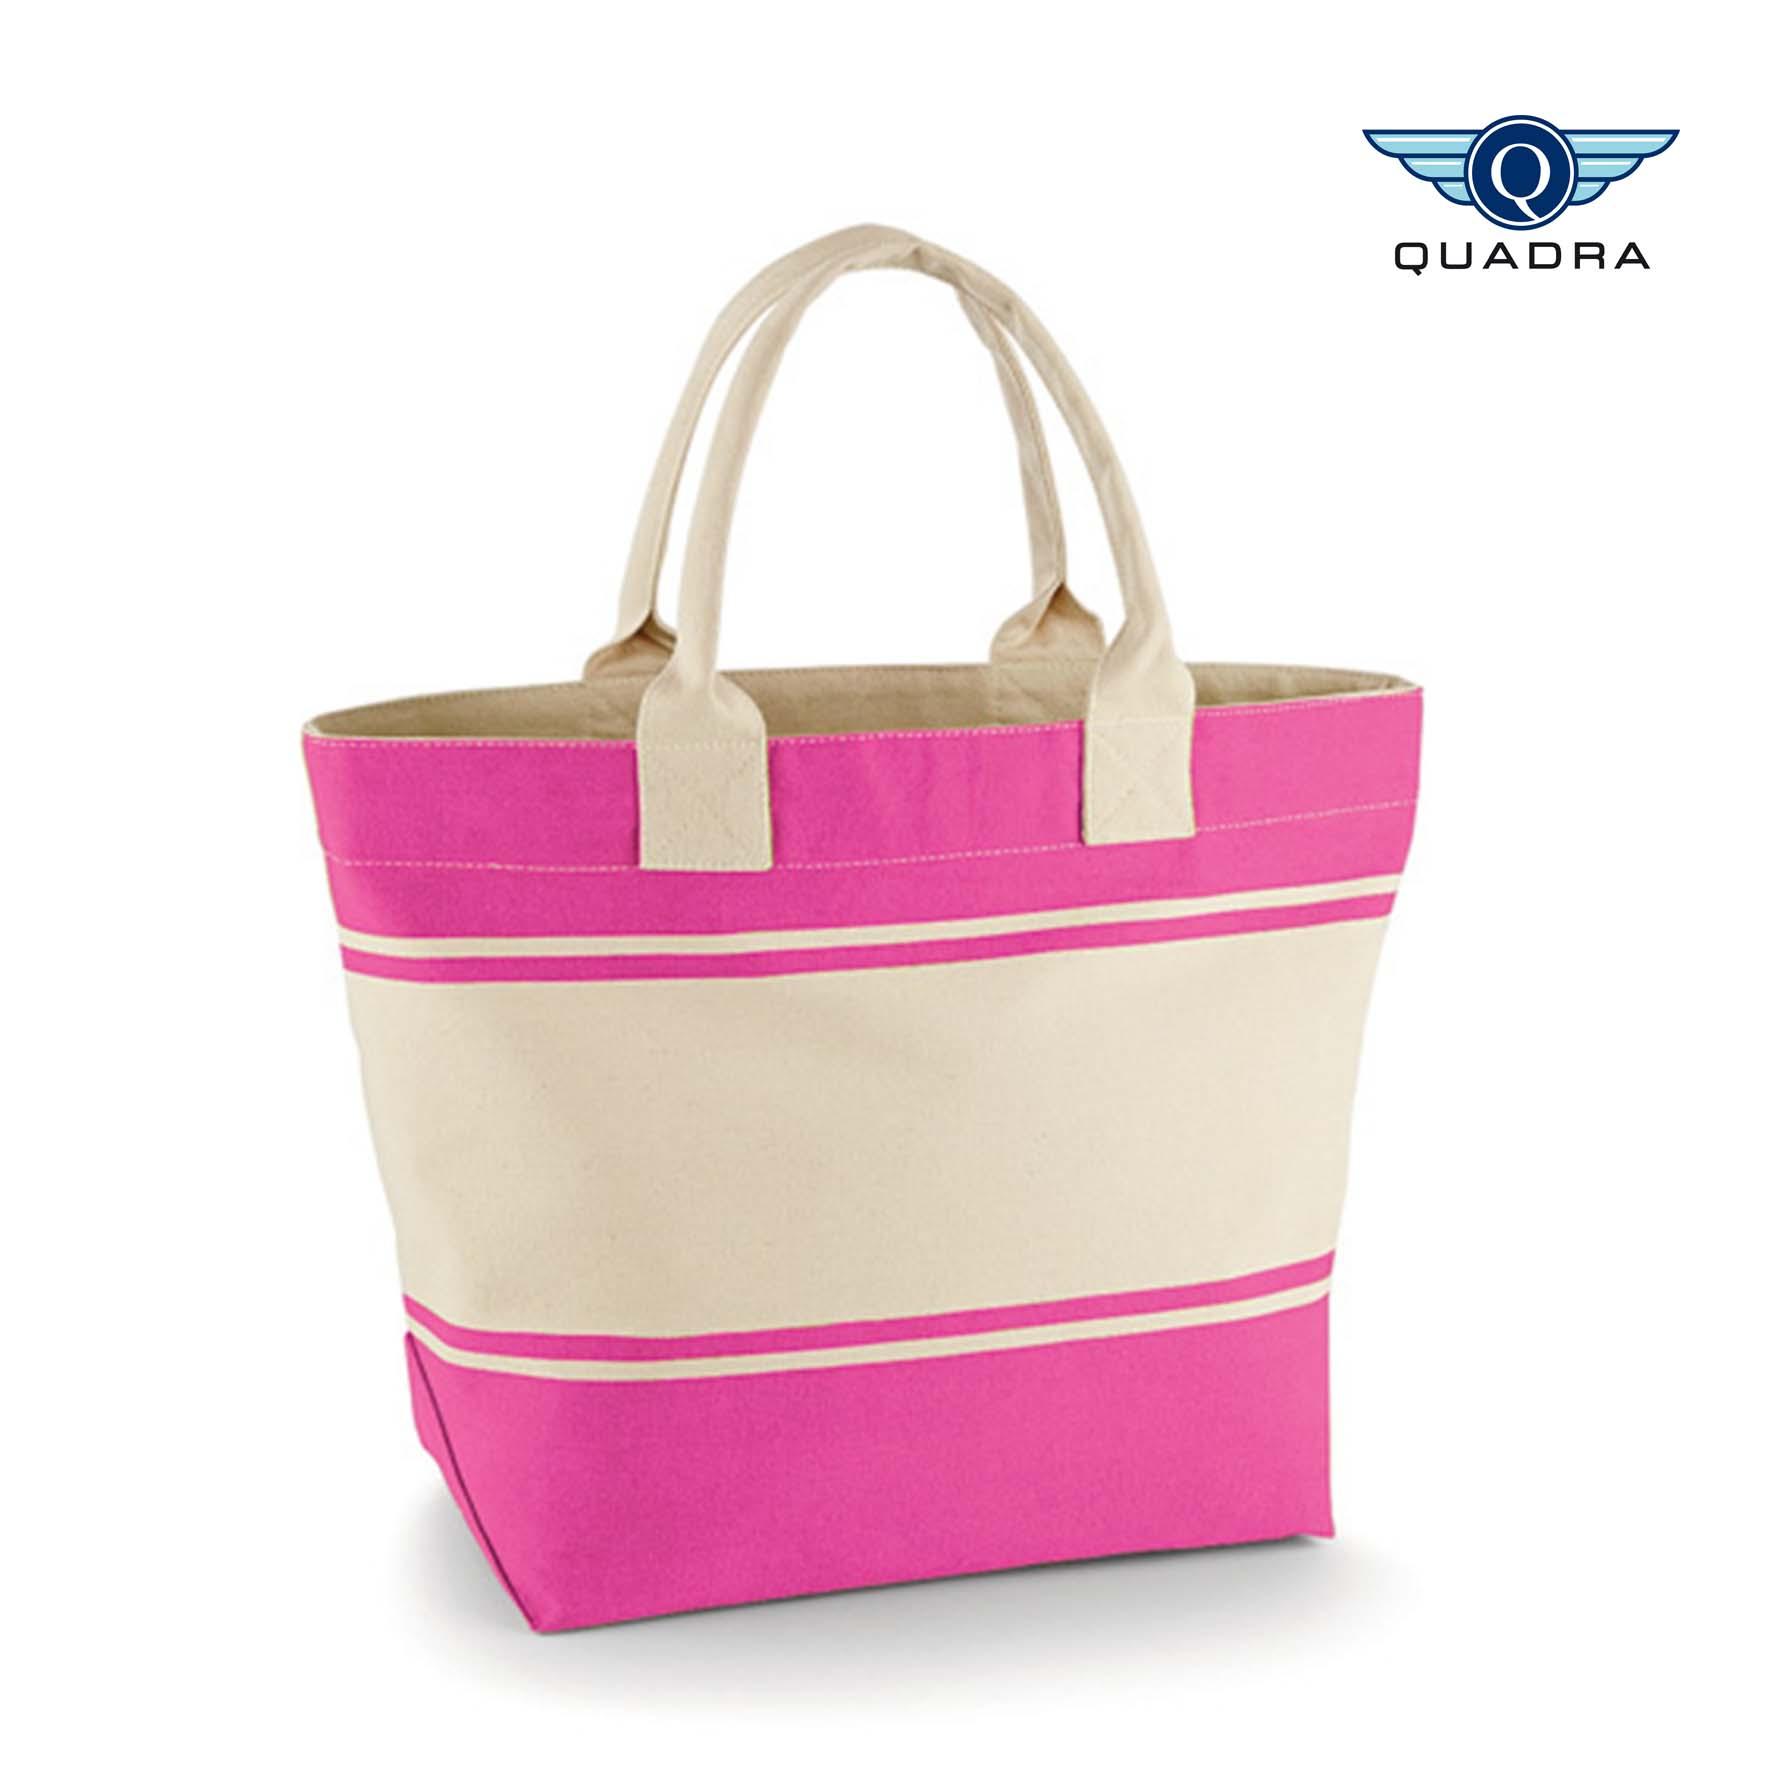 QD26 - Canvas Deck Bag Quadra